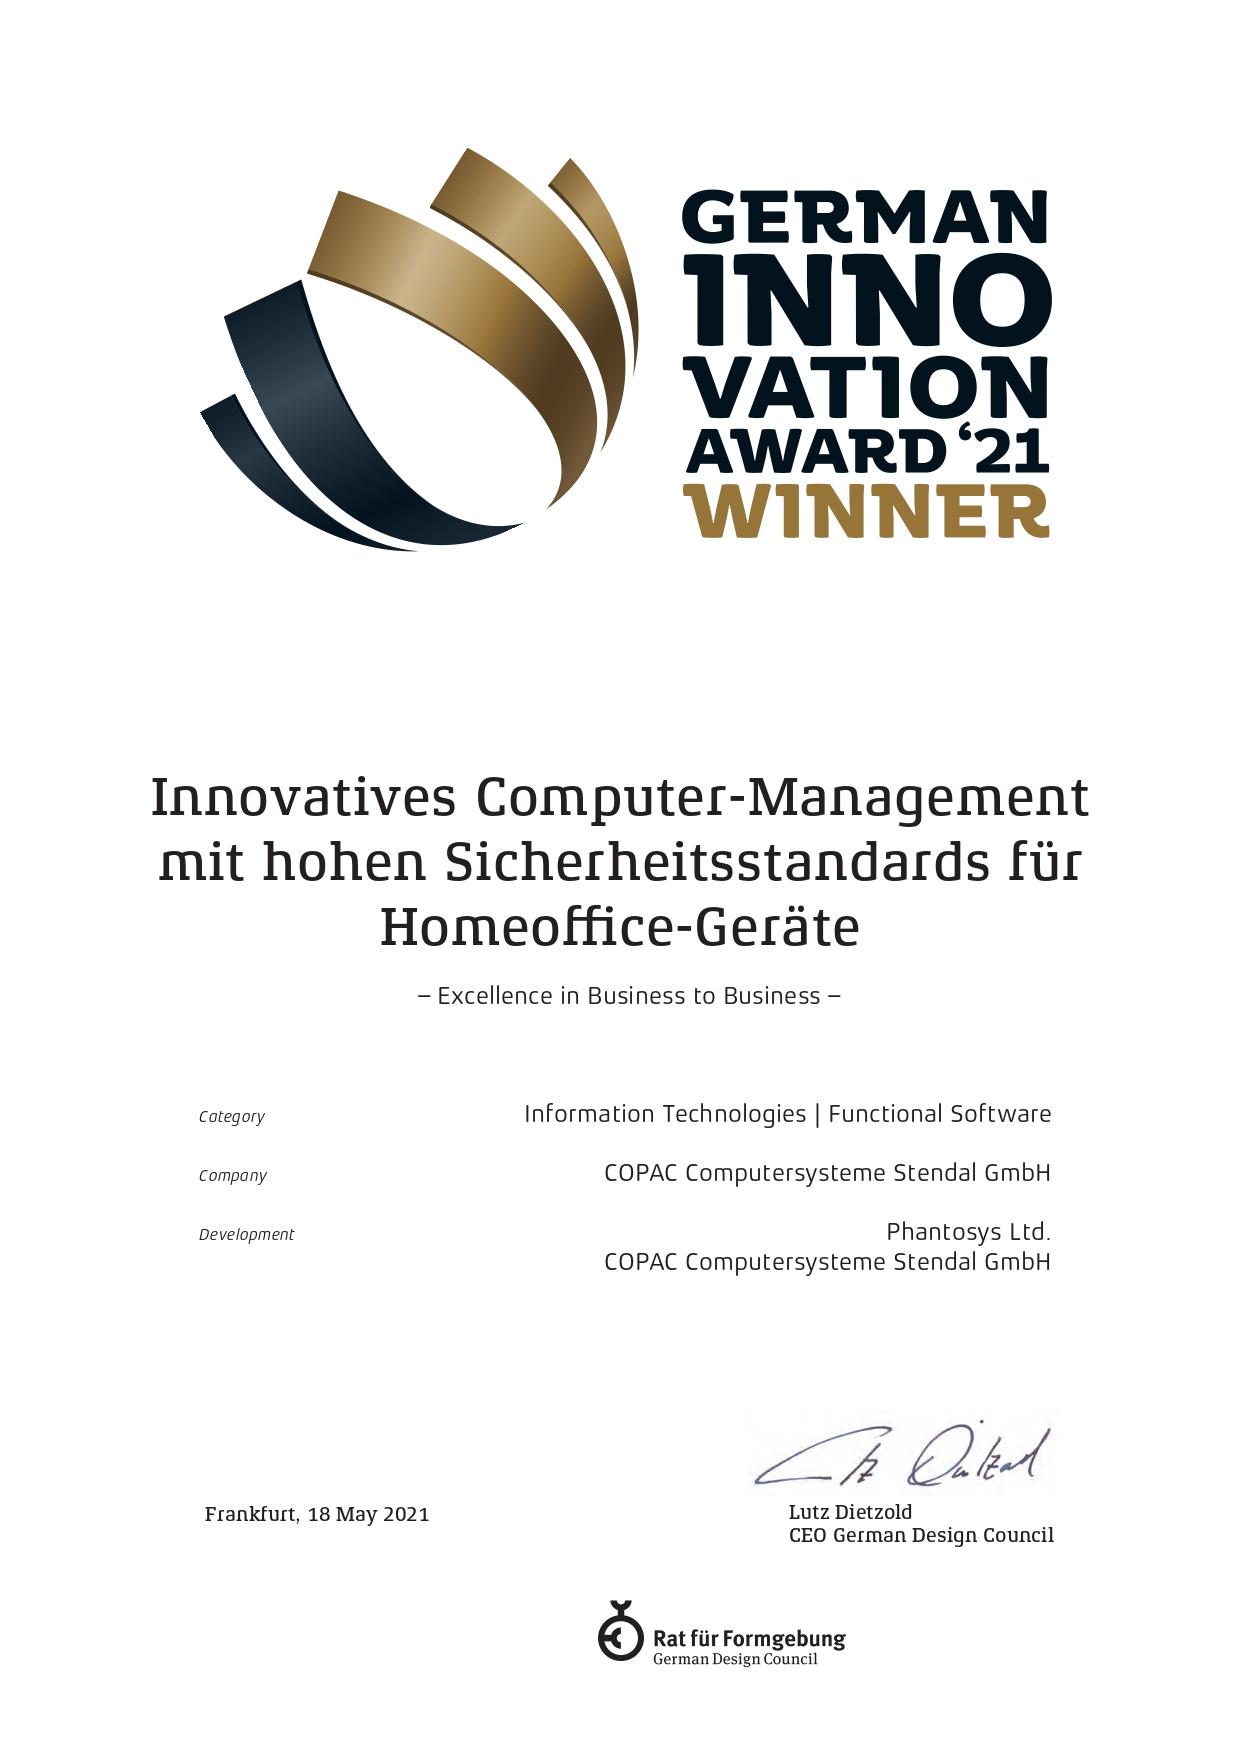 German Innovation Award 21 WINNER